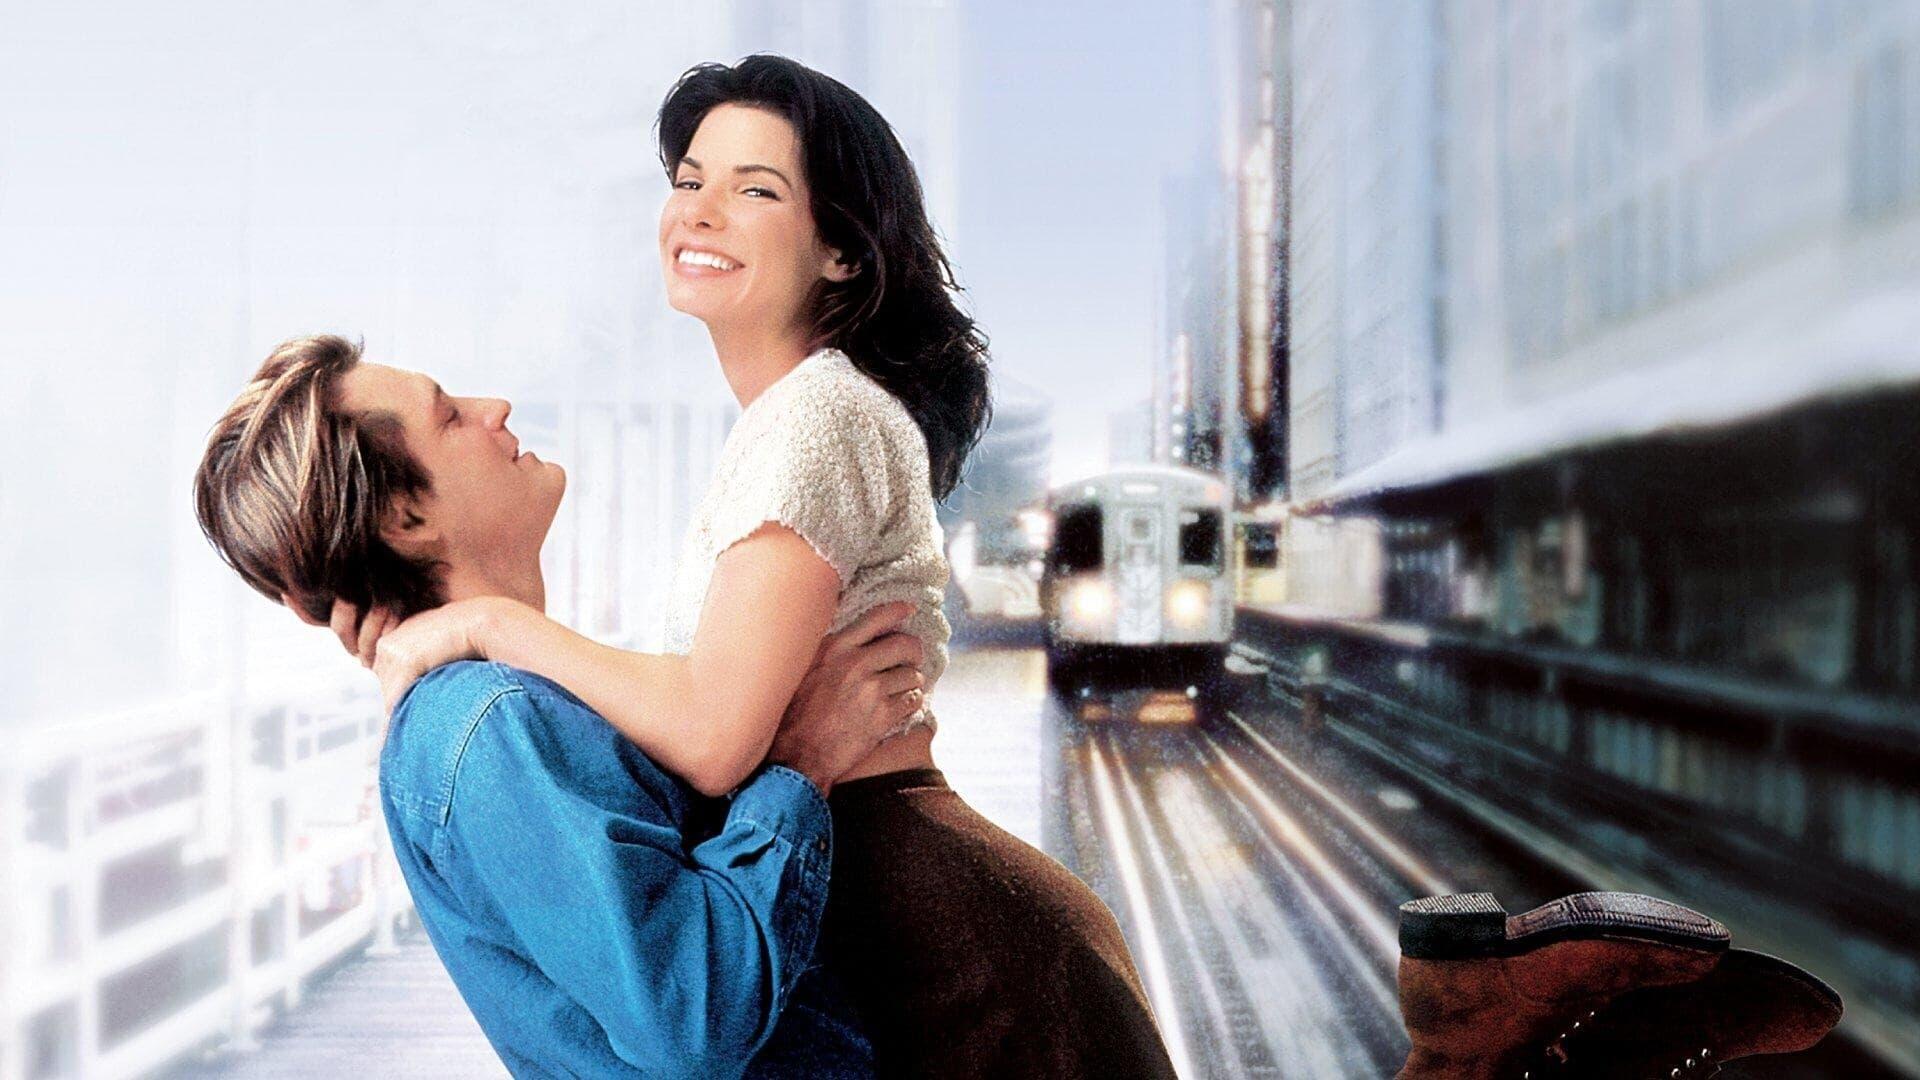 Scena iš romantiško filmo, kol miegojai